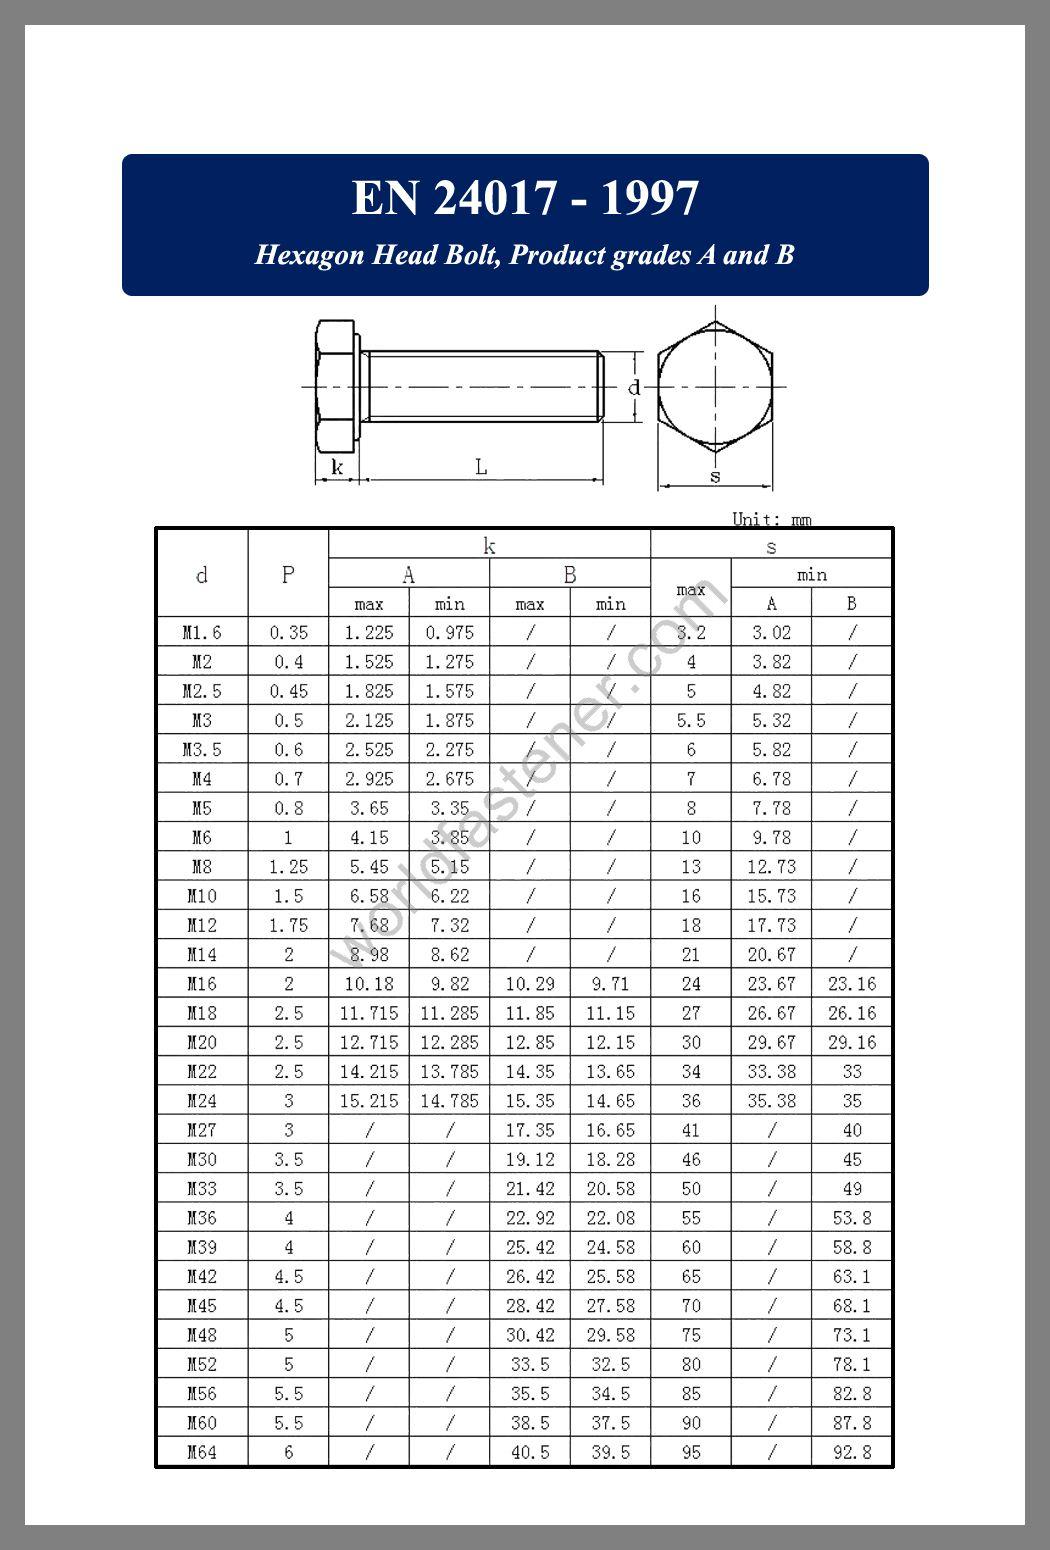 EN 24017, EN 24017 Hexagon Head Bolts, fastener, screw, bolt, EN bolt, EN fastener